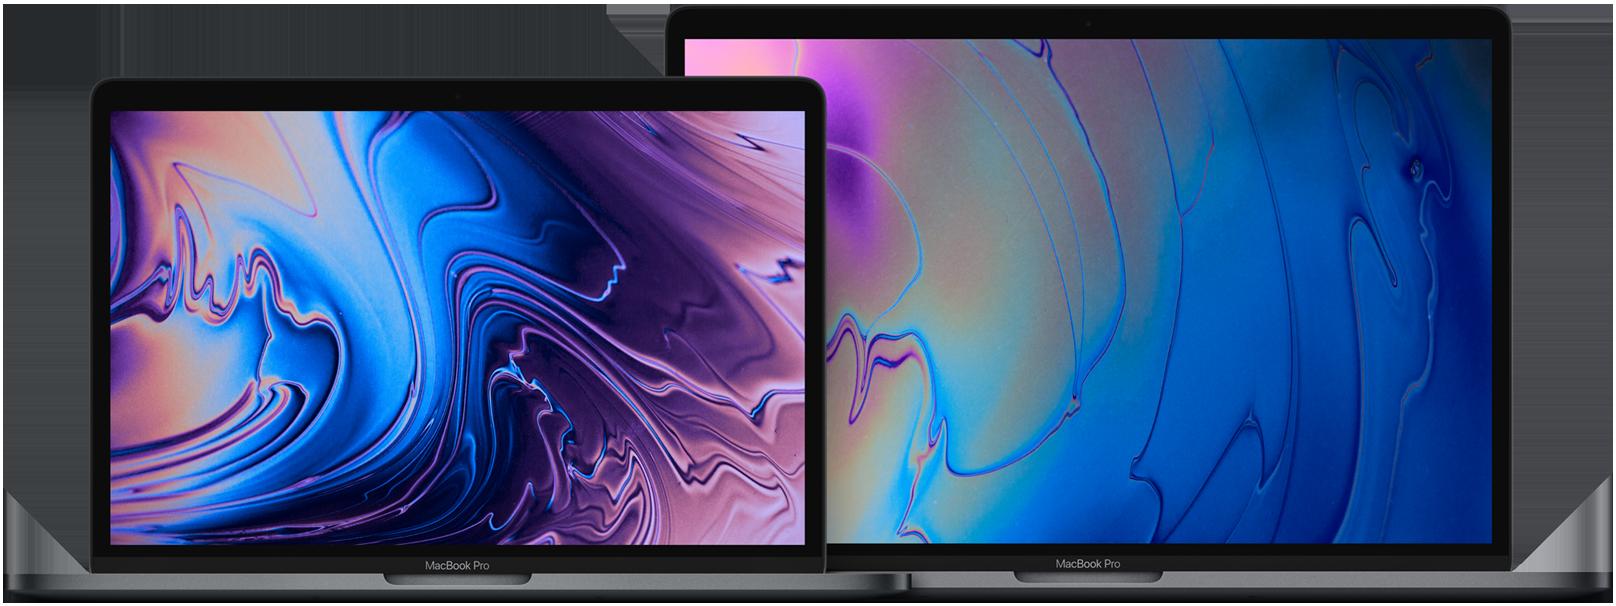 MacBook-Pro-2019.png